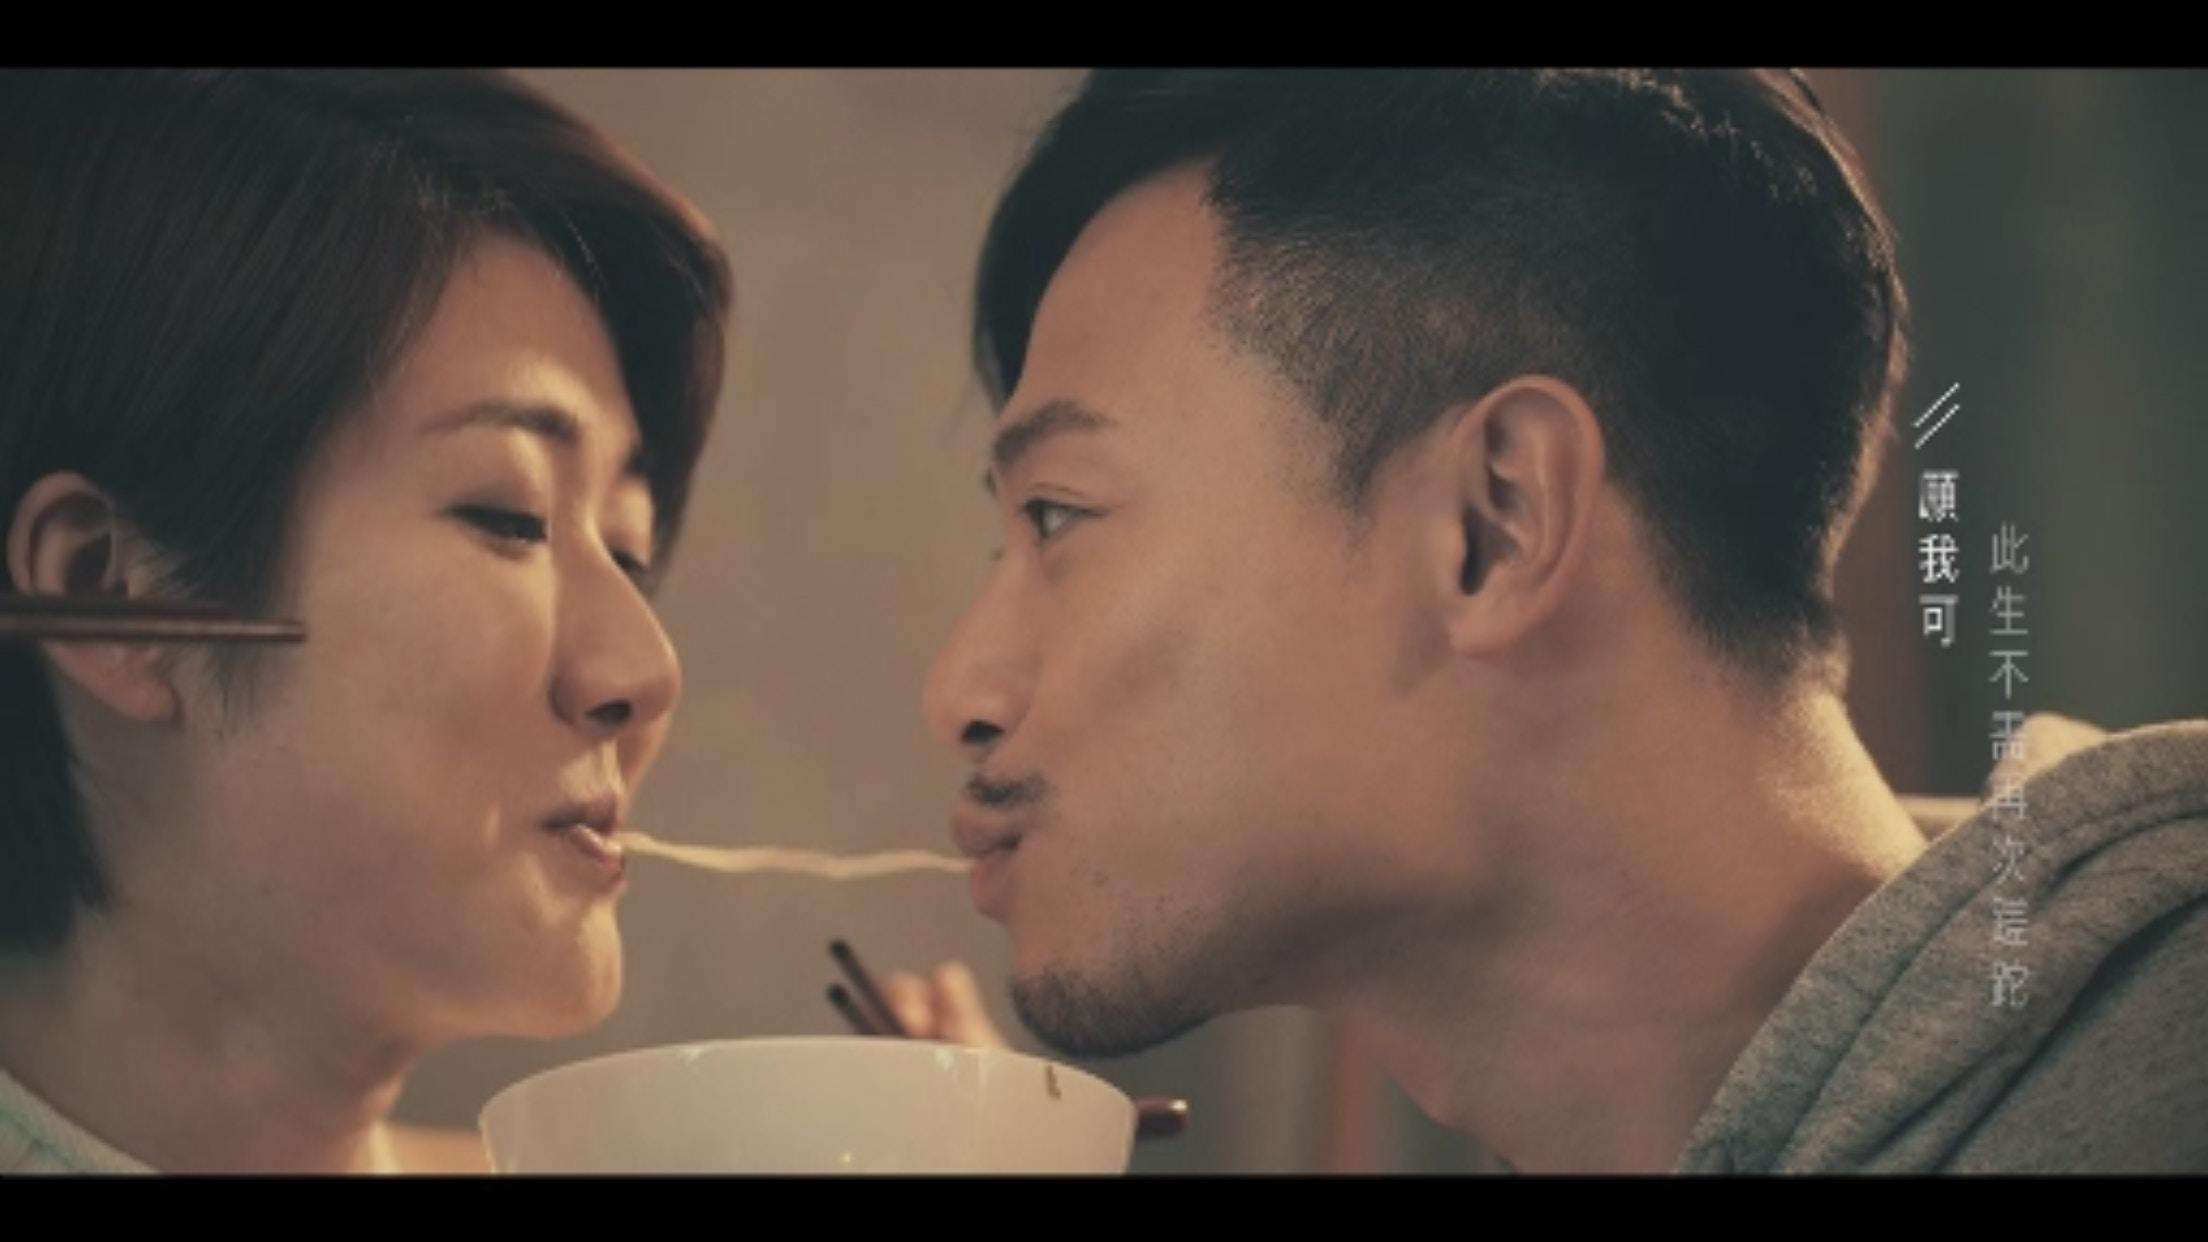 【降魔的番外篇】 楊潮凱唱歌最驚喜 傅嘉莉現身彩蛋|香港01|即時娛樂